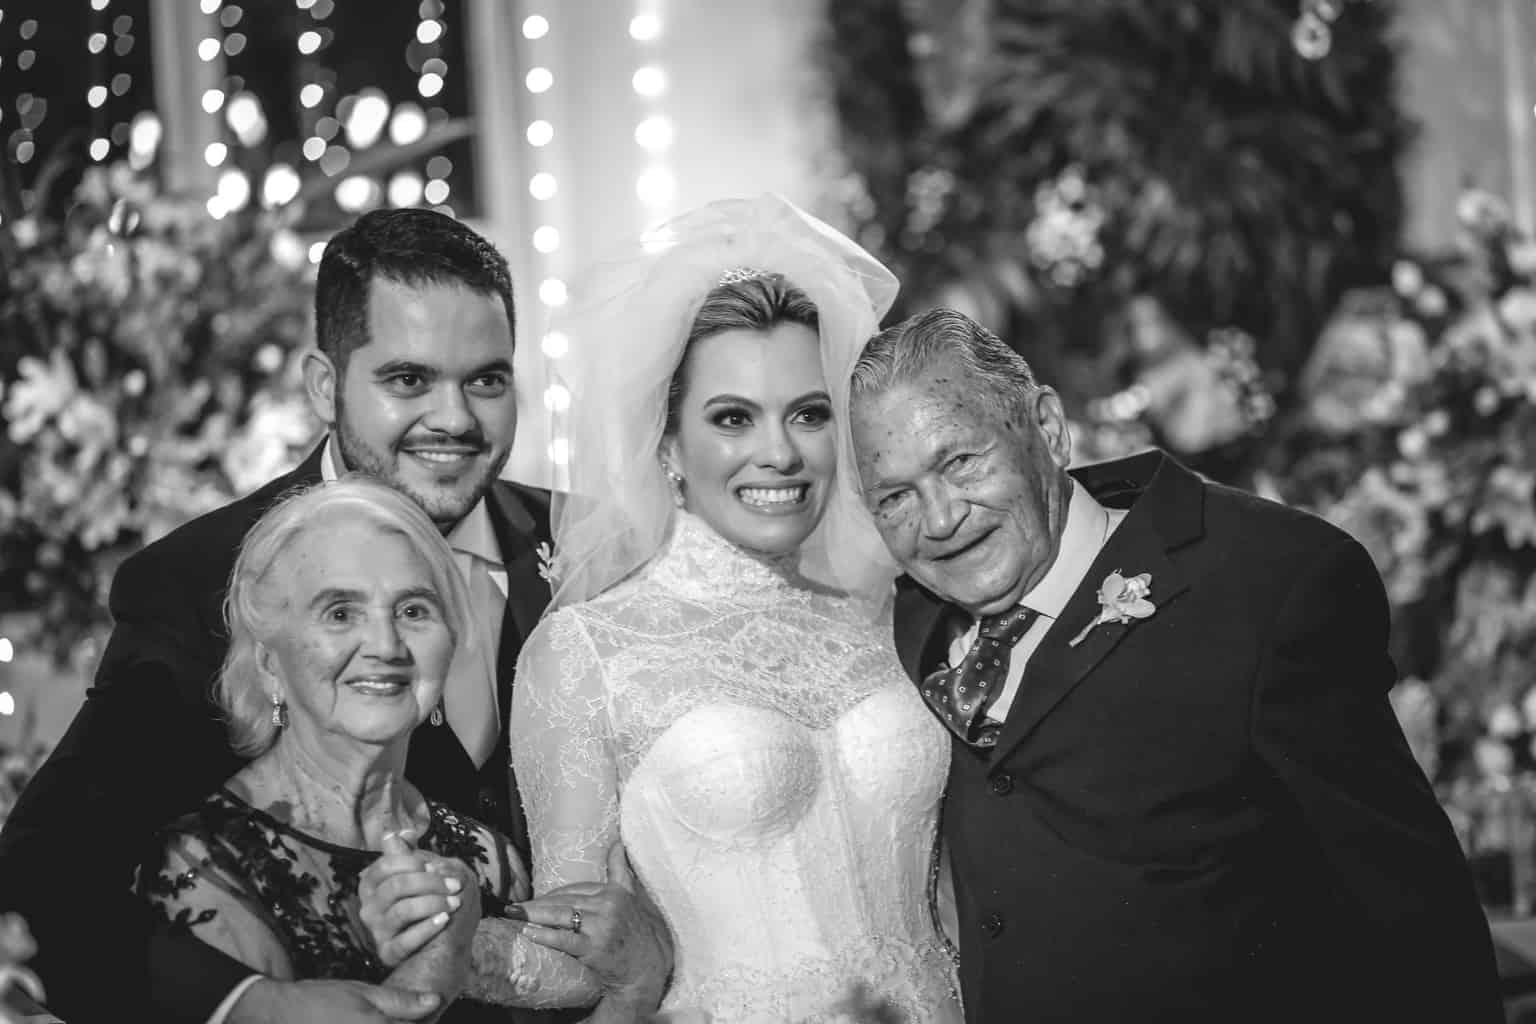 casamento-Juliana-e-Eduardo-Fotografia-Ricardo-Nascimento-e-Thereza-magno-Usina-dois-irmãos84